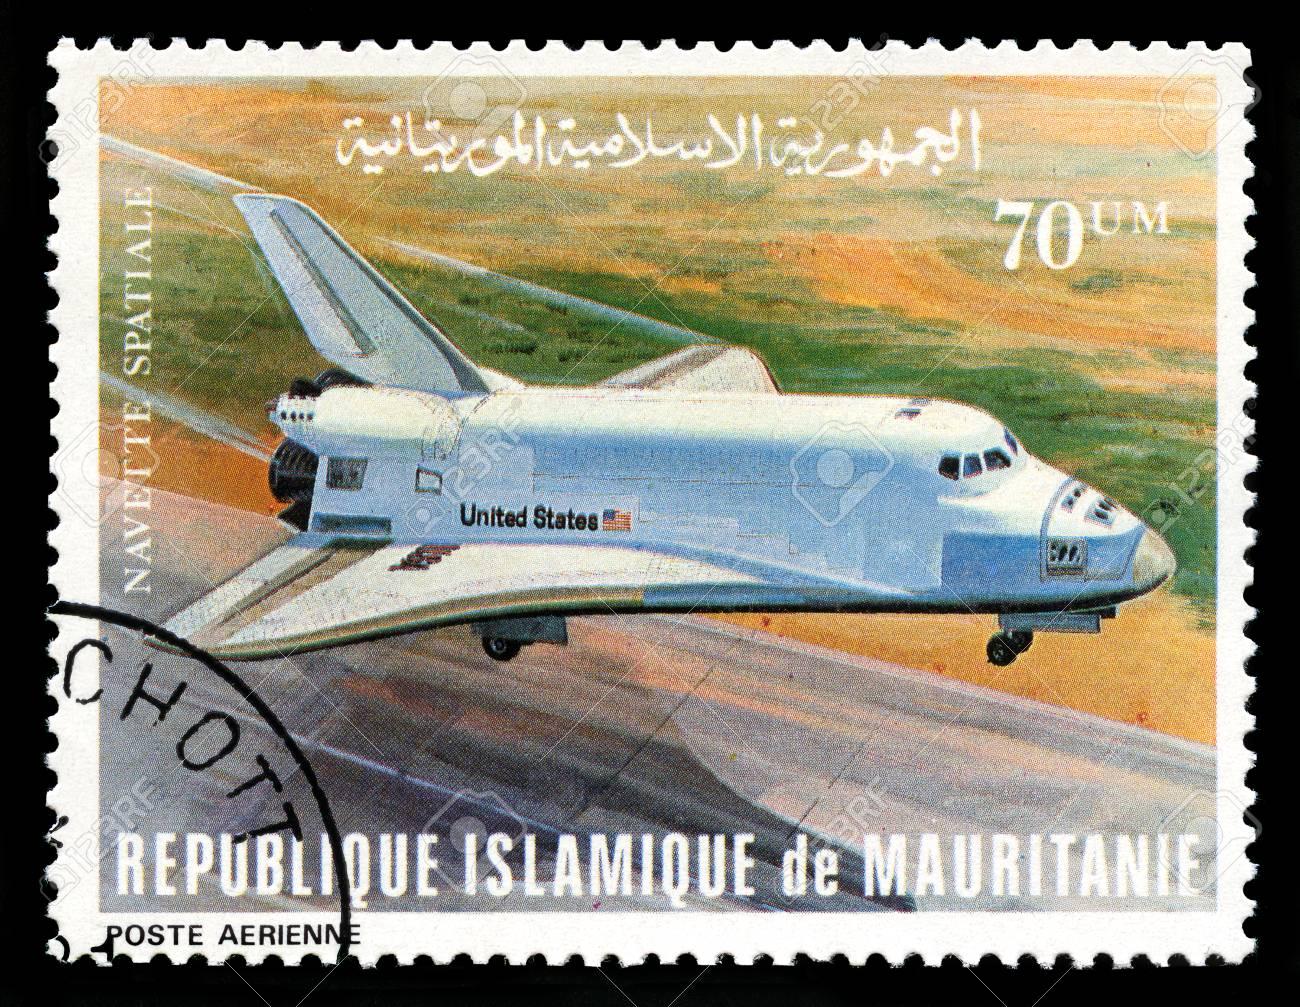 REPUBLIQUE ISLAMIQUE DE MAURITANIE - CIRCA 1981: A vintage postage stamp from Republique Islamique de Mauritanie depicting an image of the Space Shuttle, circa 1981. - 31221916